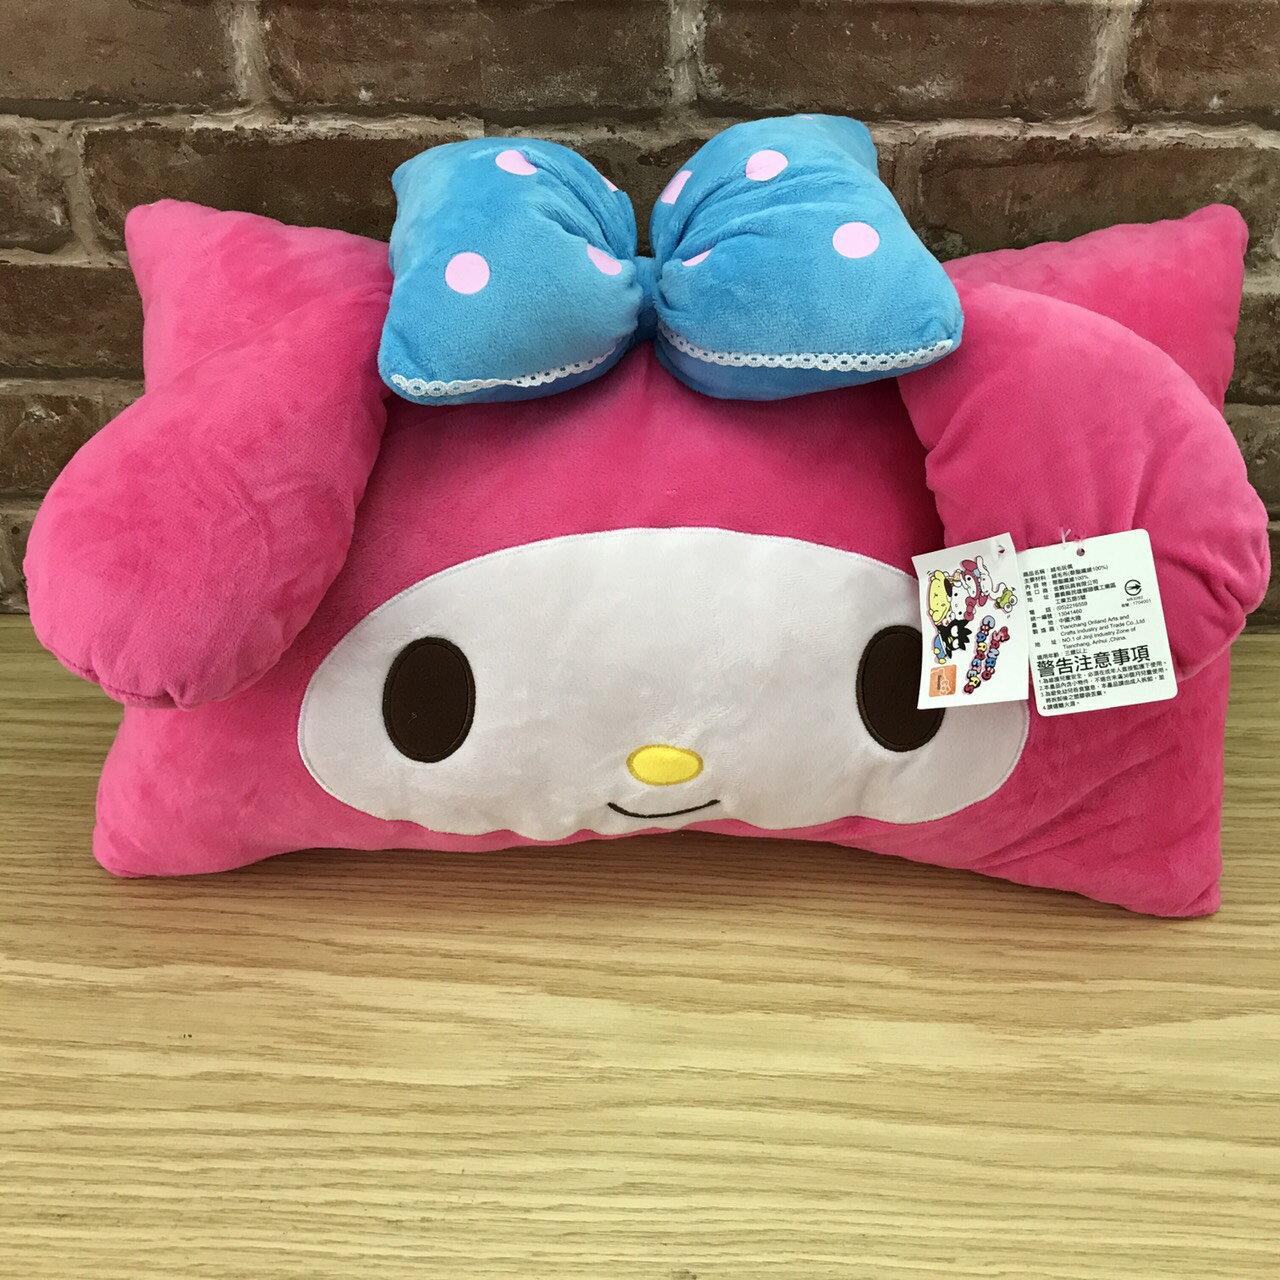 【真愛日本】17090600012 造型大臉雙人枕-美樂蒂 三麗鷗 melody 美樂蒂 枕頭 抱枕 靠枕 靠墊